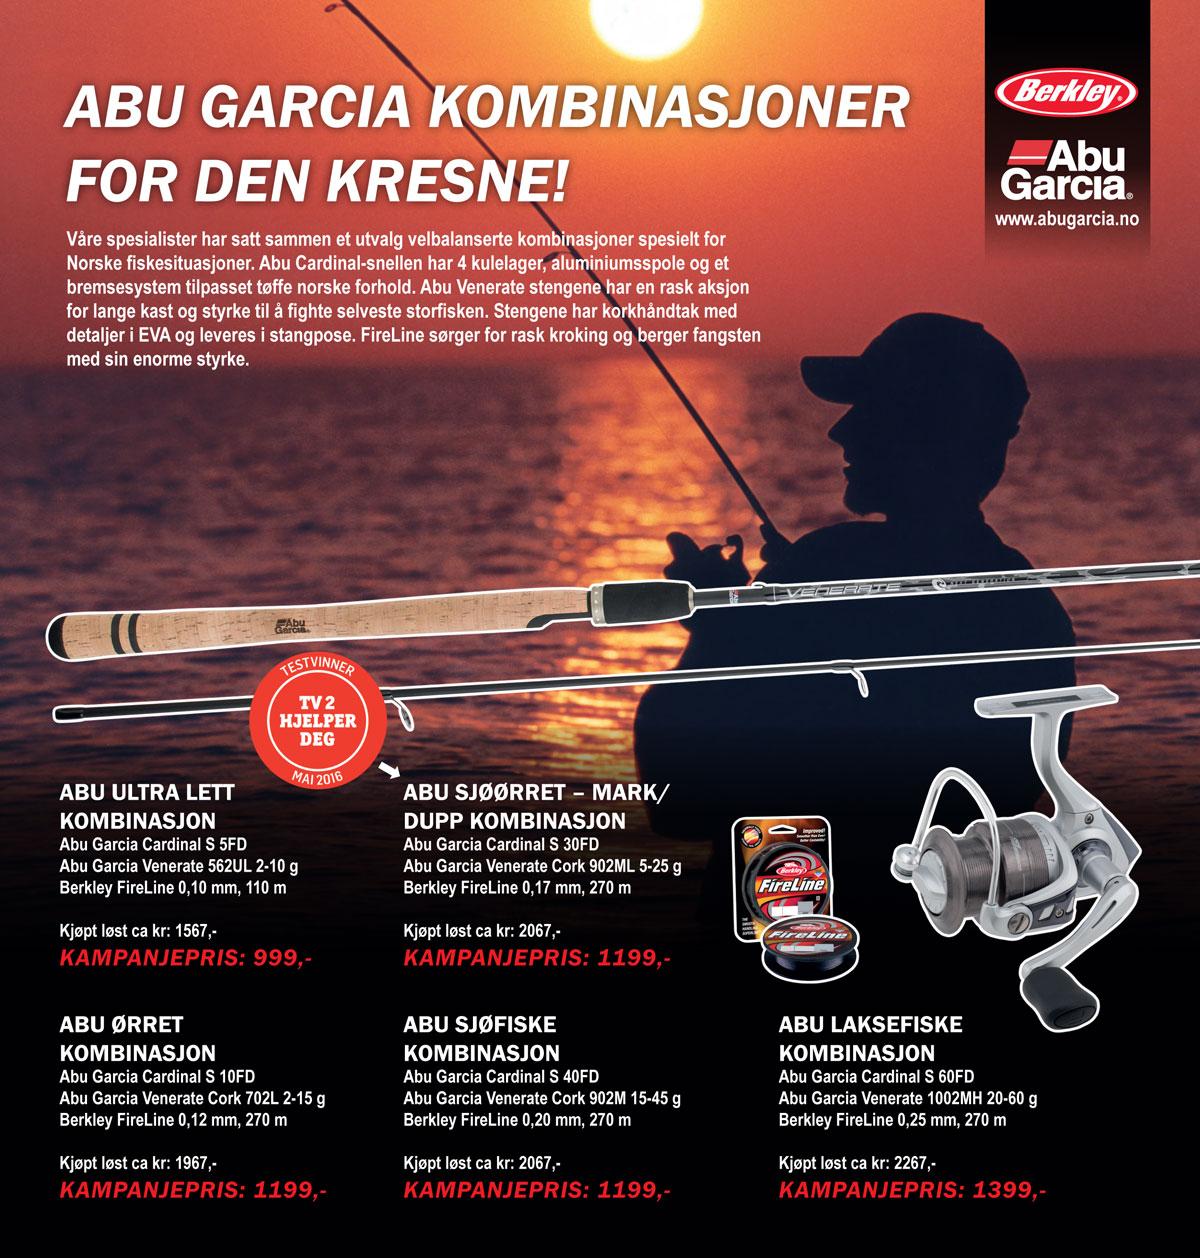 """Abu Garcia kombinasjon for sjøørret og allroundfiske. """"best i test"""" TV2 Hjelper deg. Juletilbud: 1199,-"""